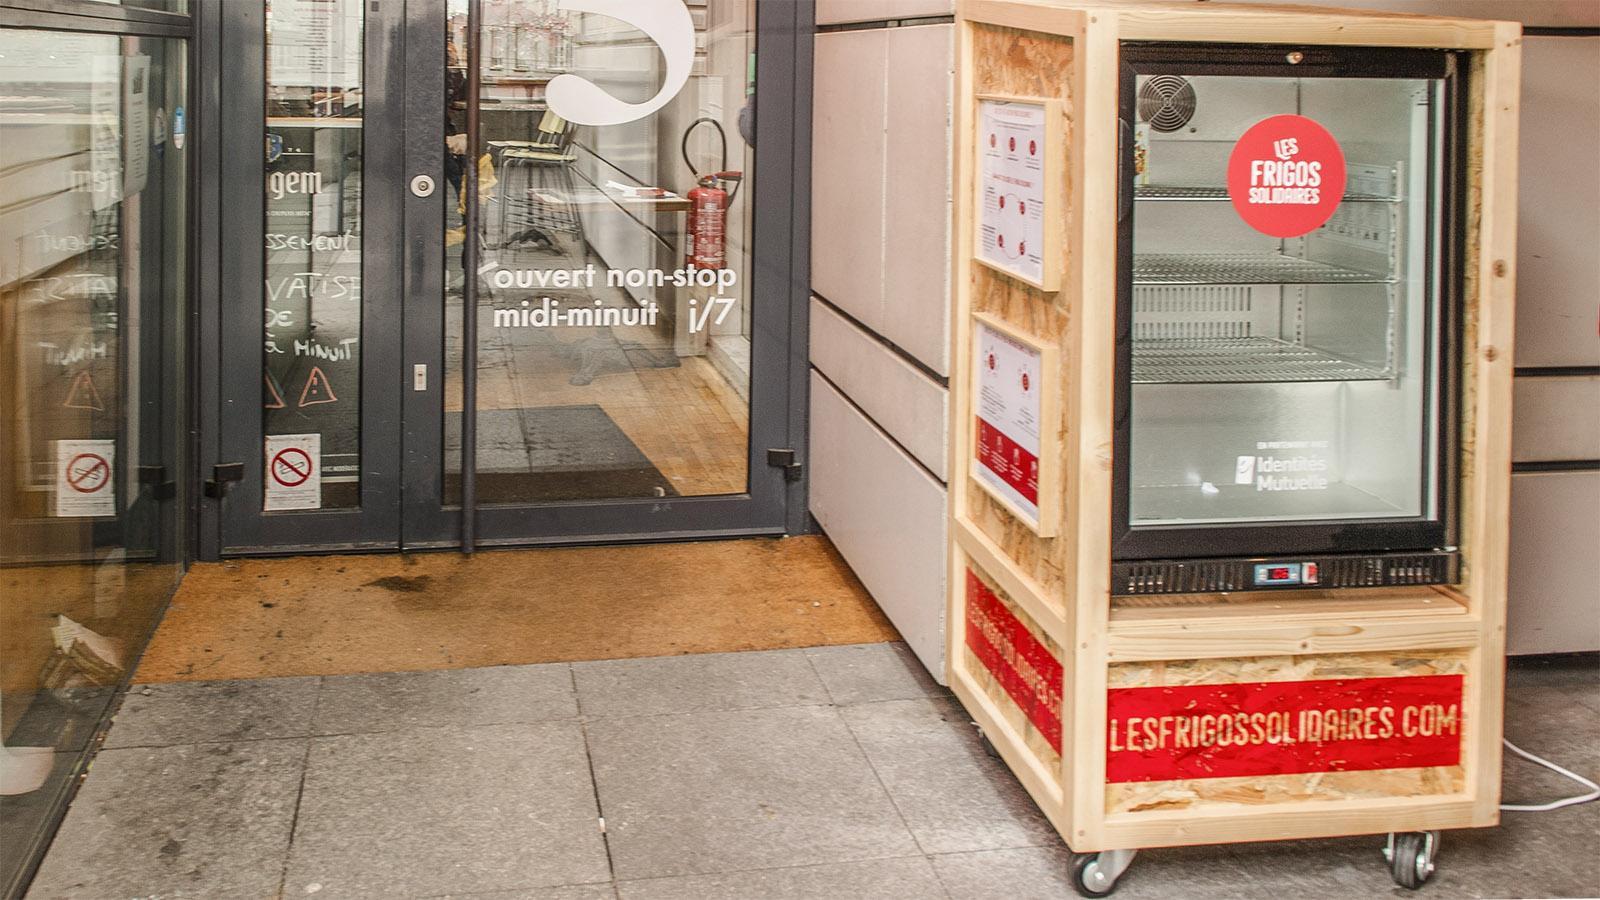 Anonym Lebensmittel spenden und entnehmen - die frigo solidaires machen es möglich. Foto: Hilke Maunder